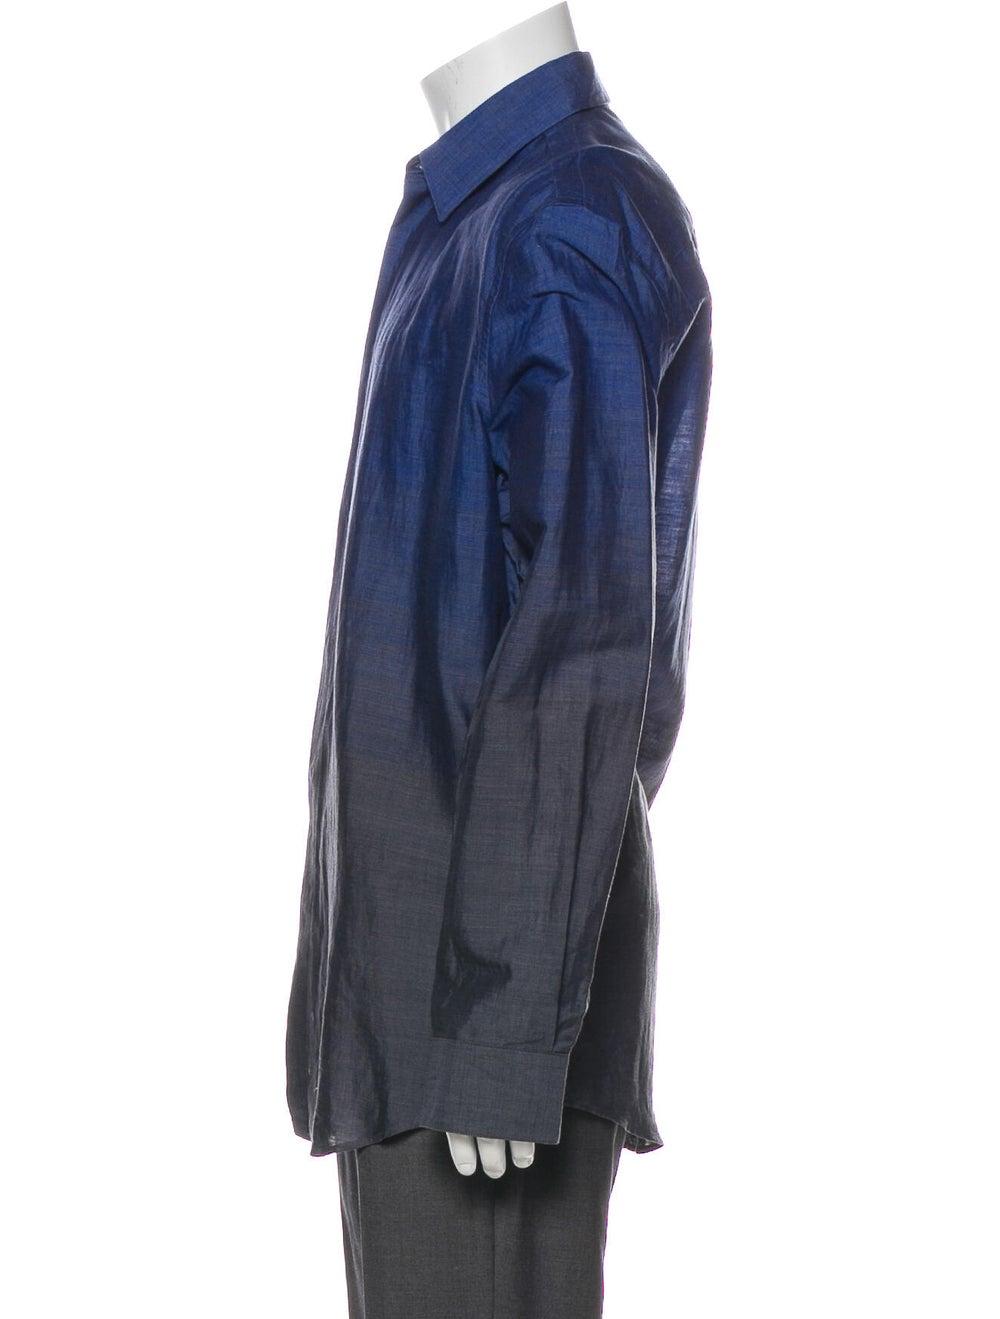 Versace Ombre Linen Dress Shirt Blue - image 2